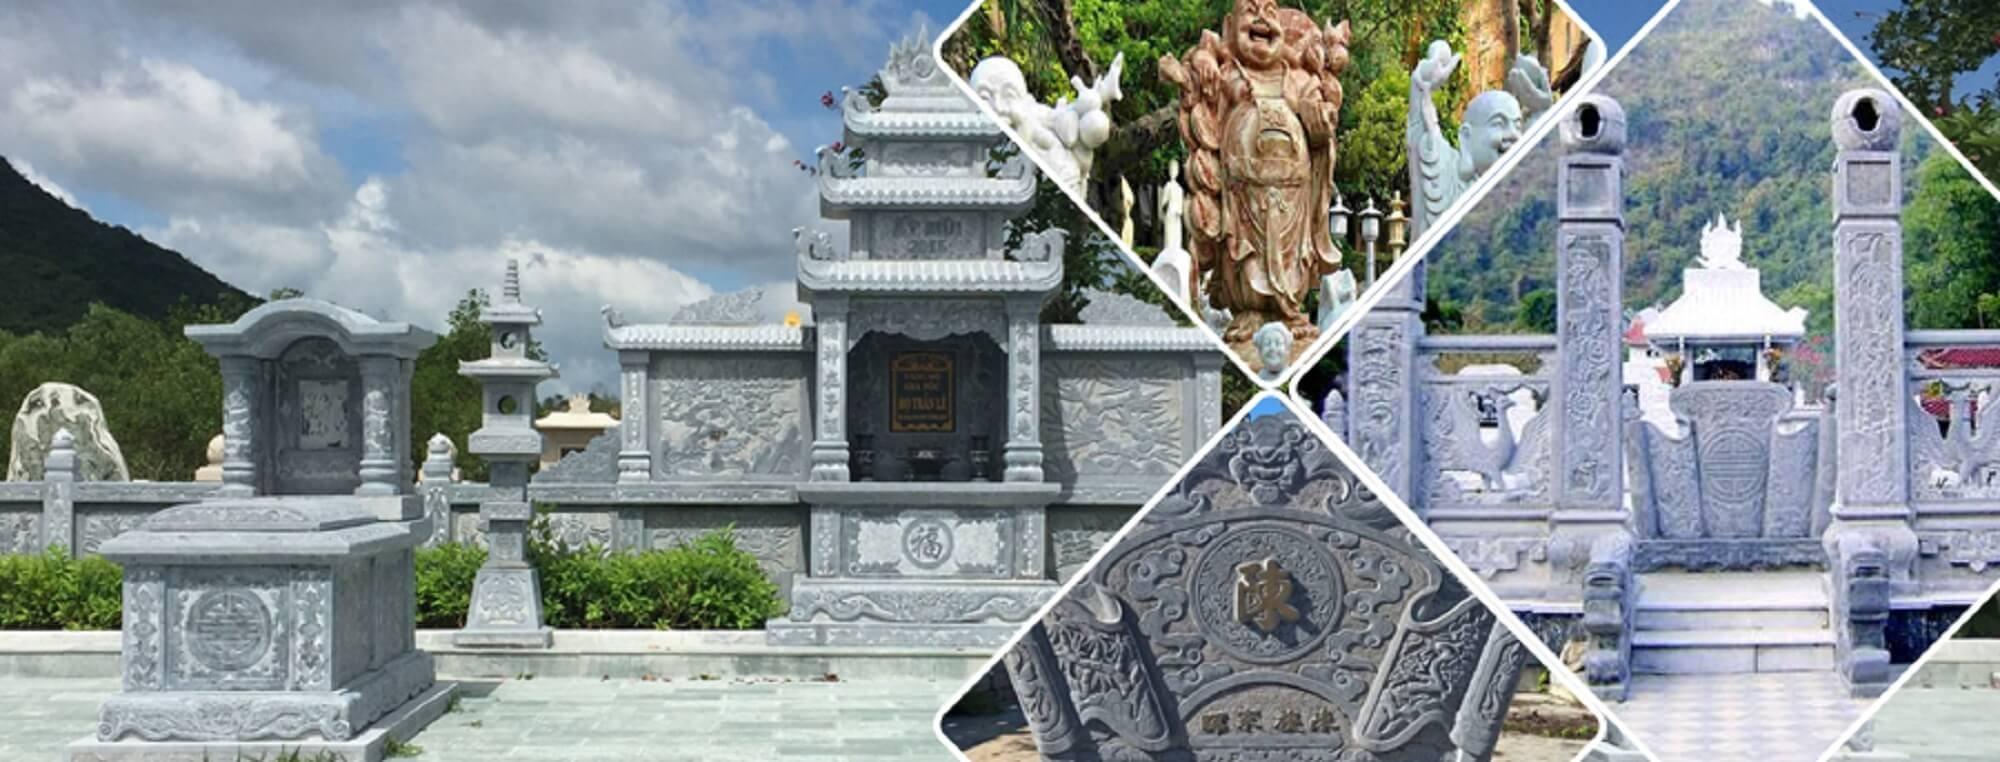 Lăng Mộ Đá Xanh Khối (@langmodaxanhkhoi) Cover Image